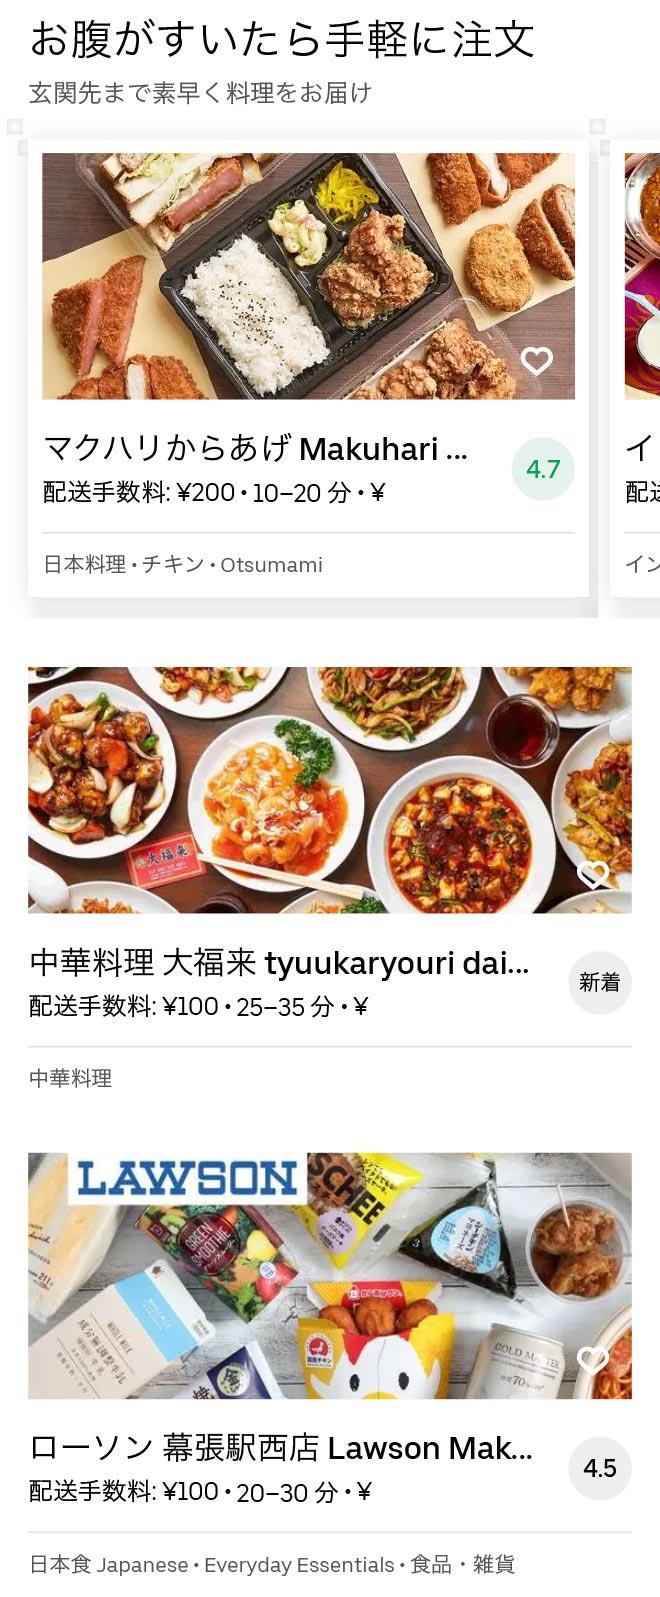 Makuhari menu 2010 02